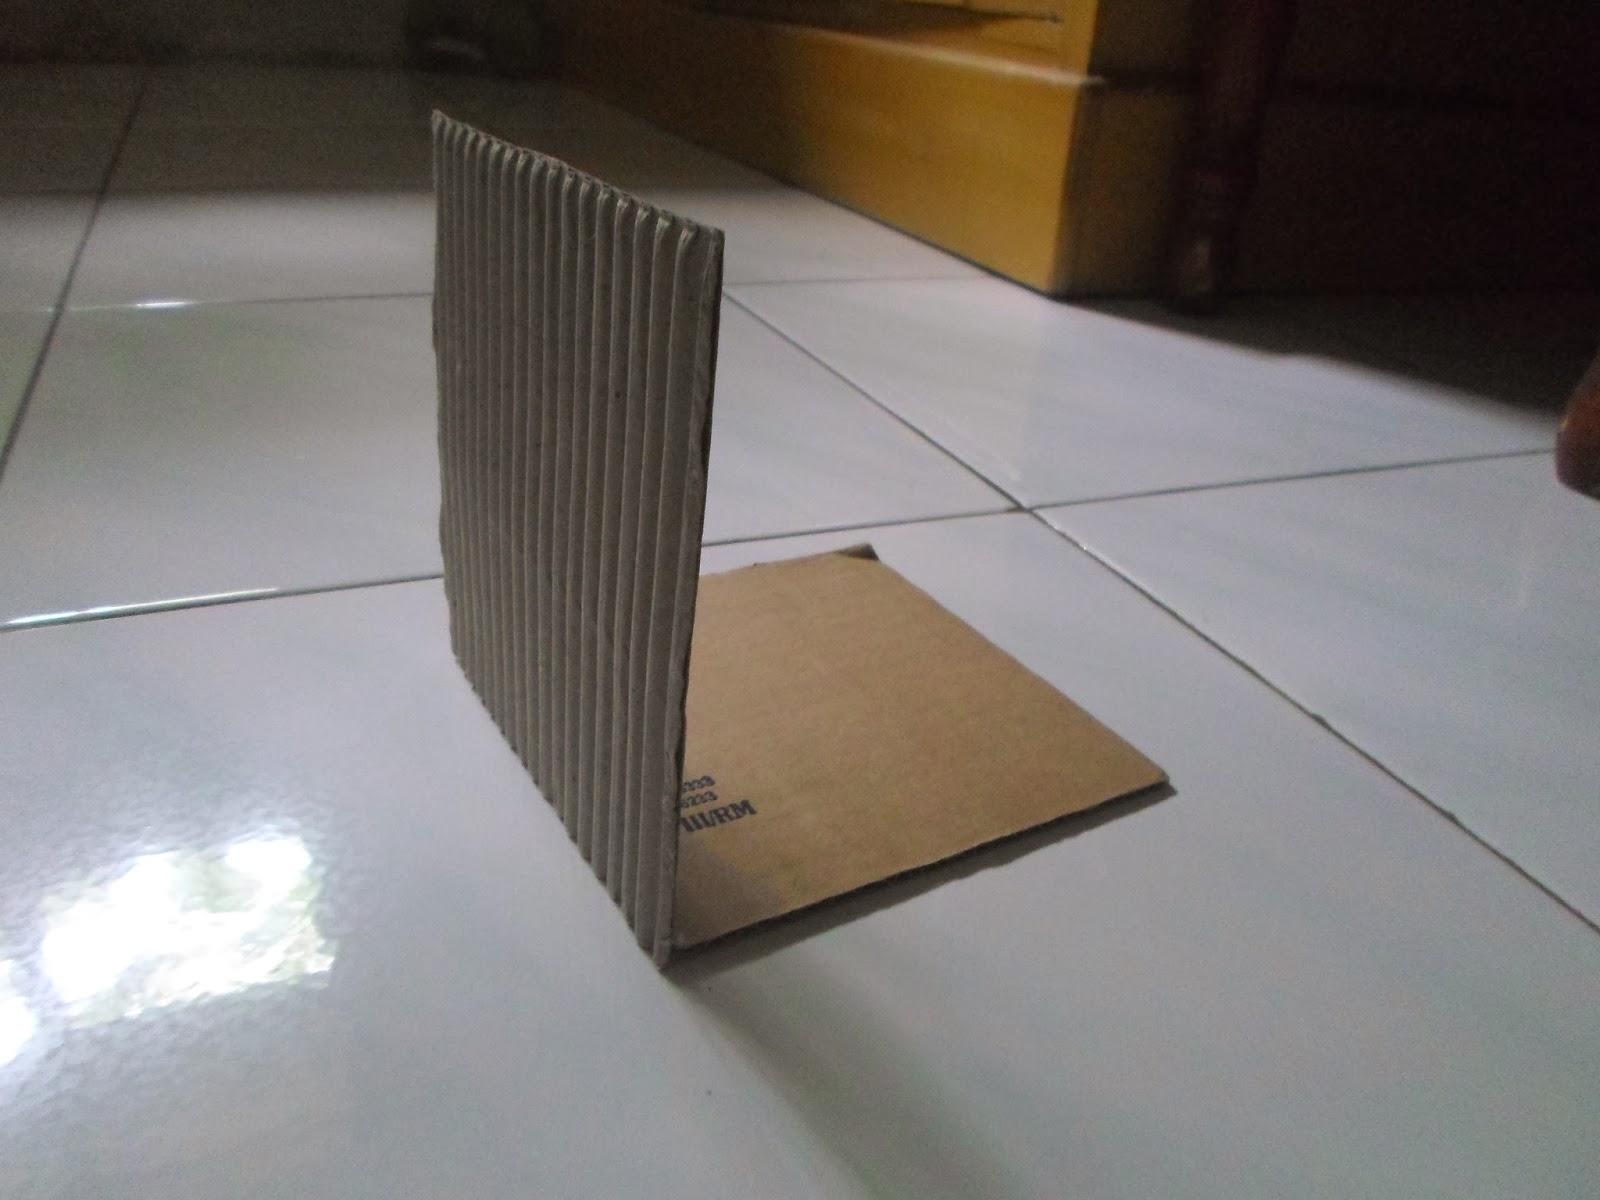 ARTEPINK: Membuat Tempat Pensil dari Kardus Bekas